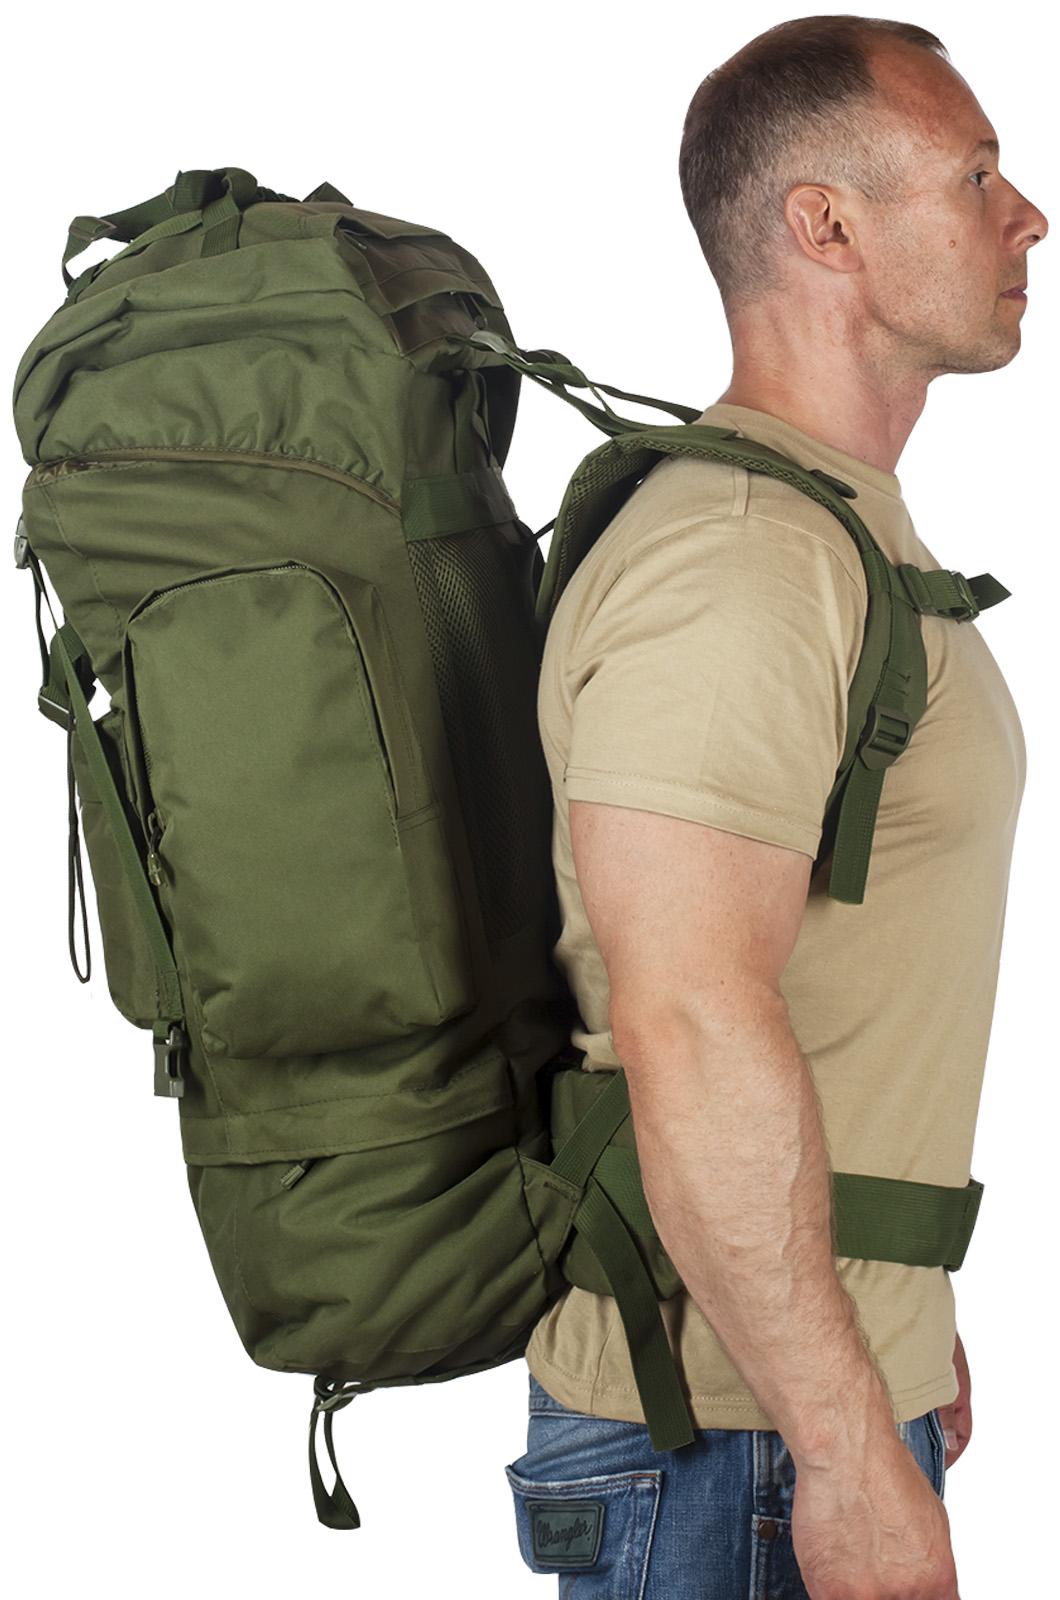 Многодневный удобный рюкзак с нашивкой Потомственный Казак - заказать в Военпро